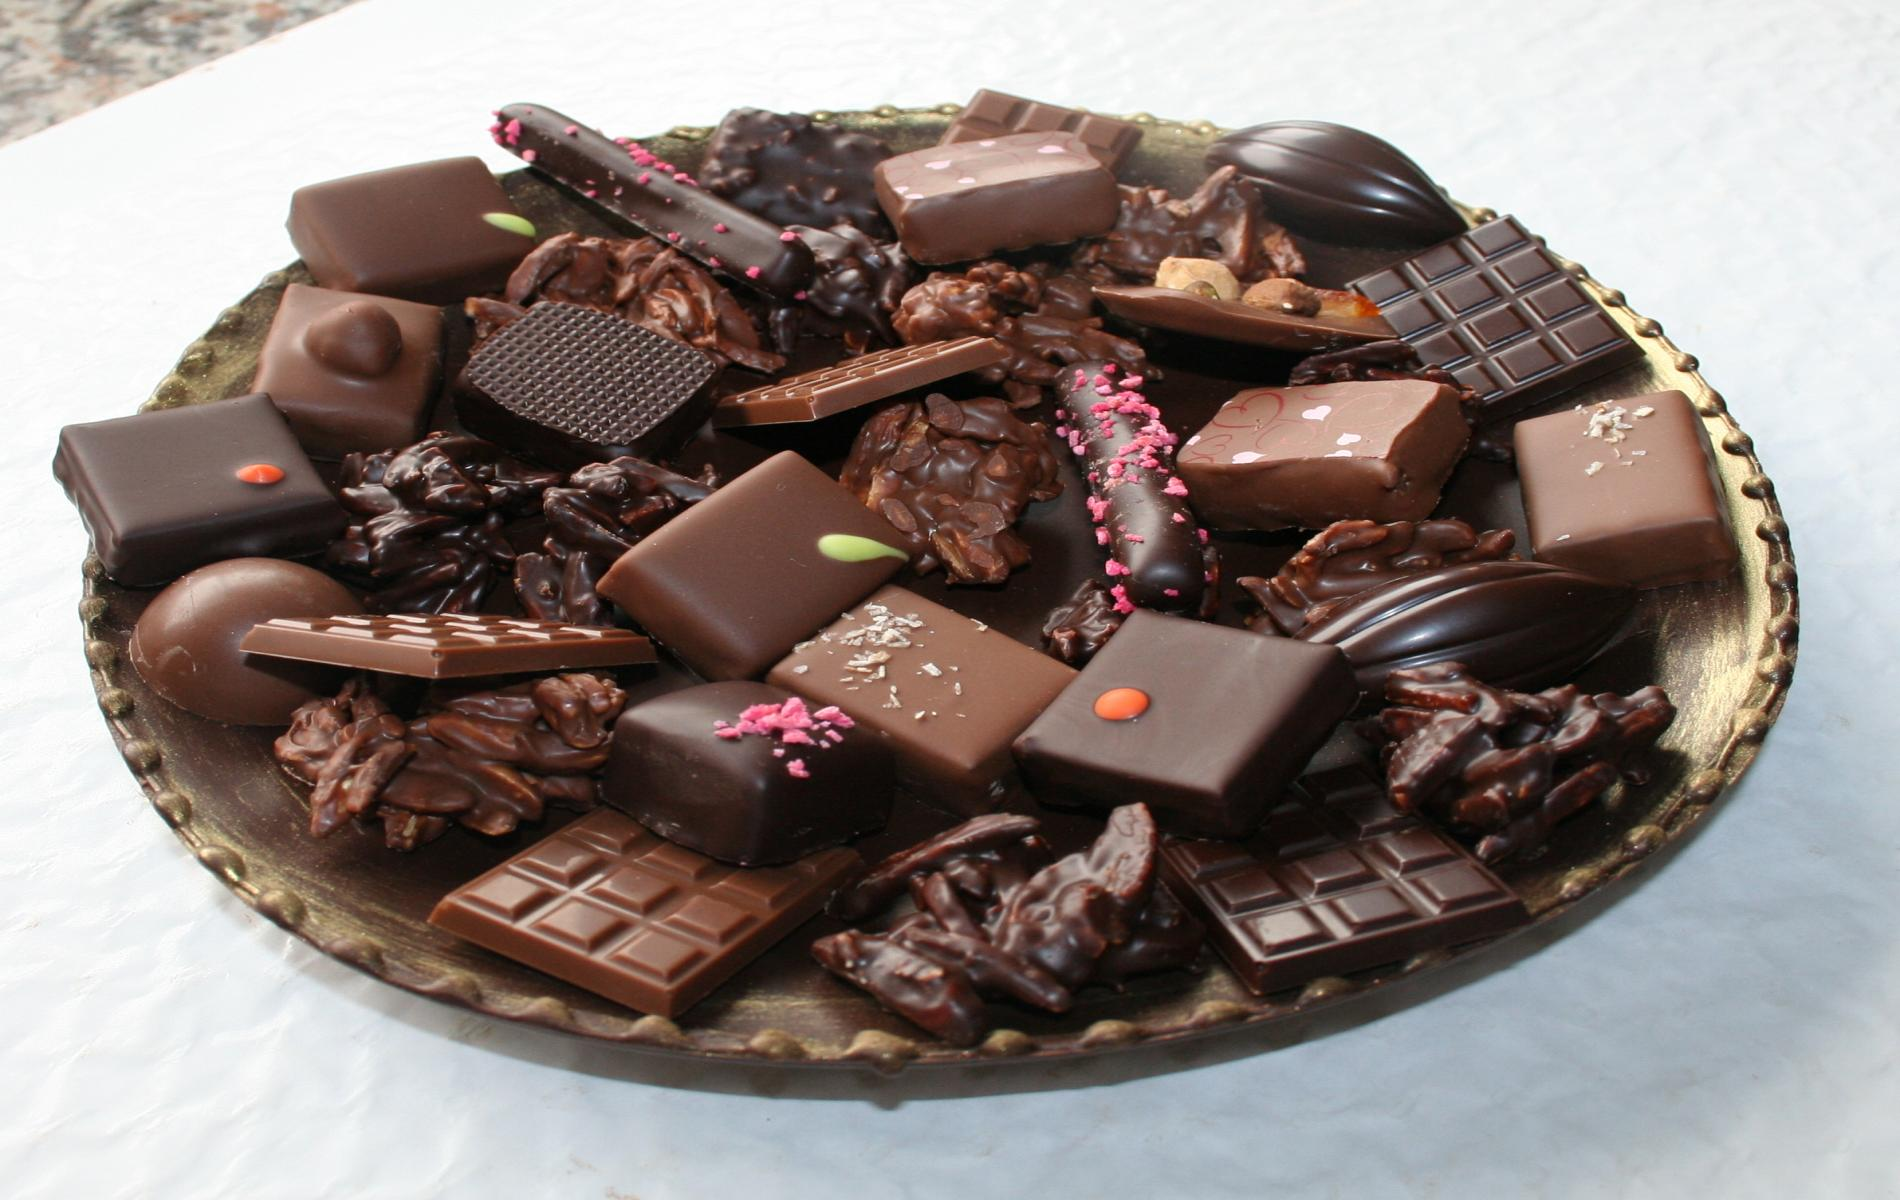 Etonnez vos convives en leur proposant une assiette tout en chocolat et ses délicieux bonbons de chocolat. Un régal pour la vue et pour le ventre !